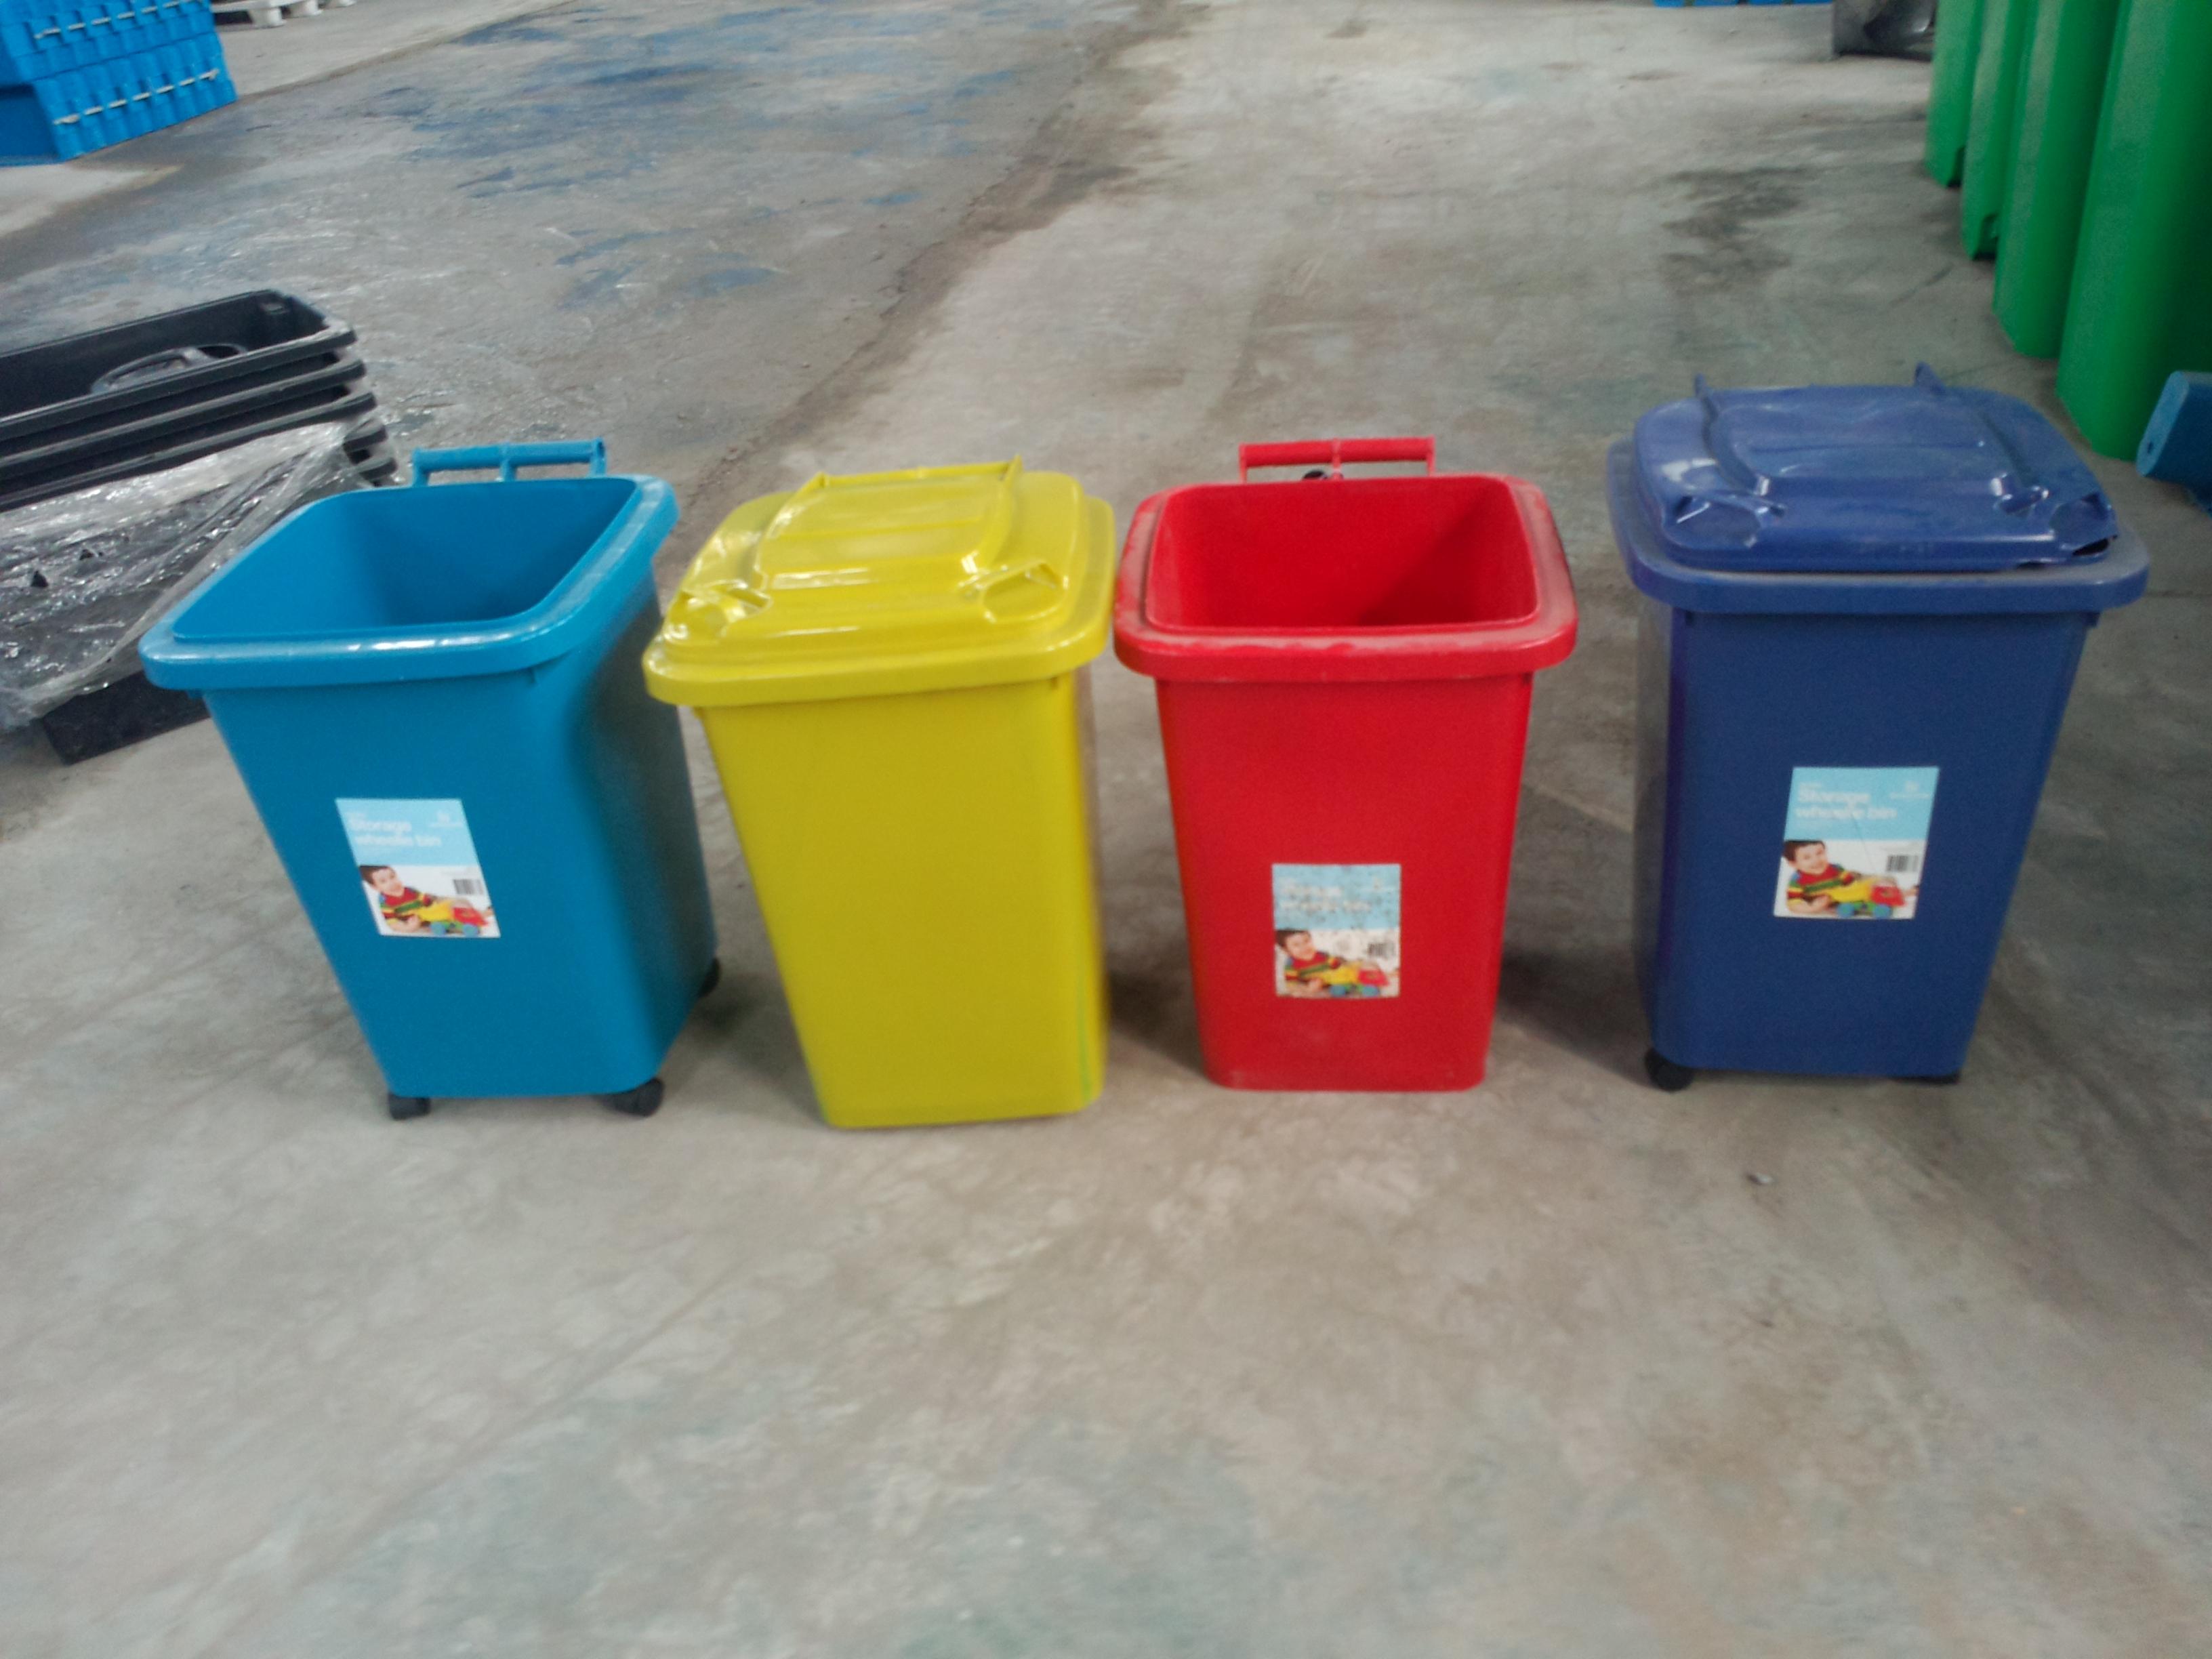 产品信息 名称:塑料垃圾桶 材质:PE 产品特点  耐酸、耐碱、耐腐蚀、耐候性强;  投递口圆角设计,安全无利口;  表面光洁,减少垃圾残留,易于清洁;  可相互套叠,方便运输,节省空间与费用;  能在-30~65区间温度内正常使用;有多款颜色选择,可根据分类需求随心搭配;  使用寿命长,且可循坏再用;  塑料垃圾桶使用安全、卫生、防虫防蛀,无需修理。 垃圾桶 垃圾桶系列:50L垃圾桶、80L垃圾桶、100升垃圾桶、120L垃圾桶、240L垃圾桶、360L垃圾桶、660升大型垃圾桶、11